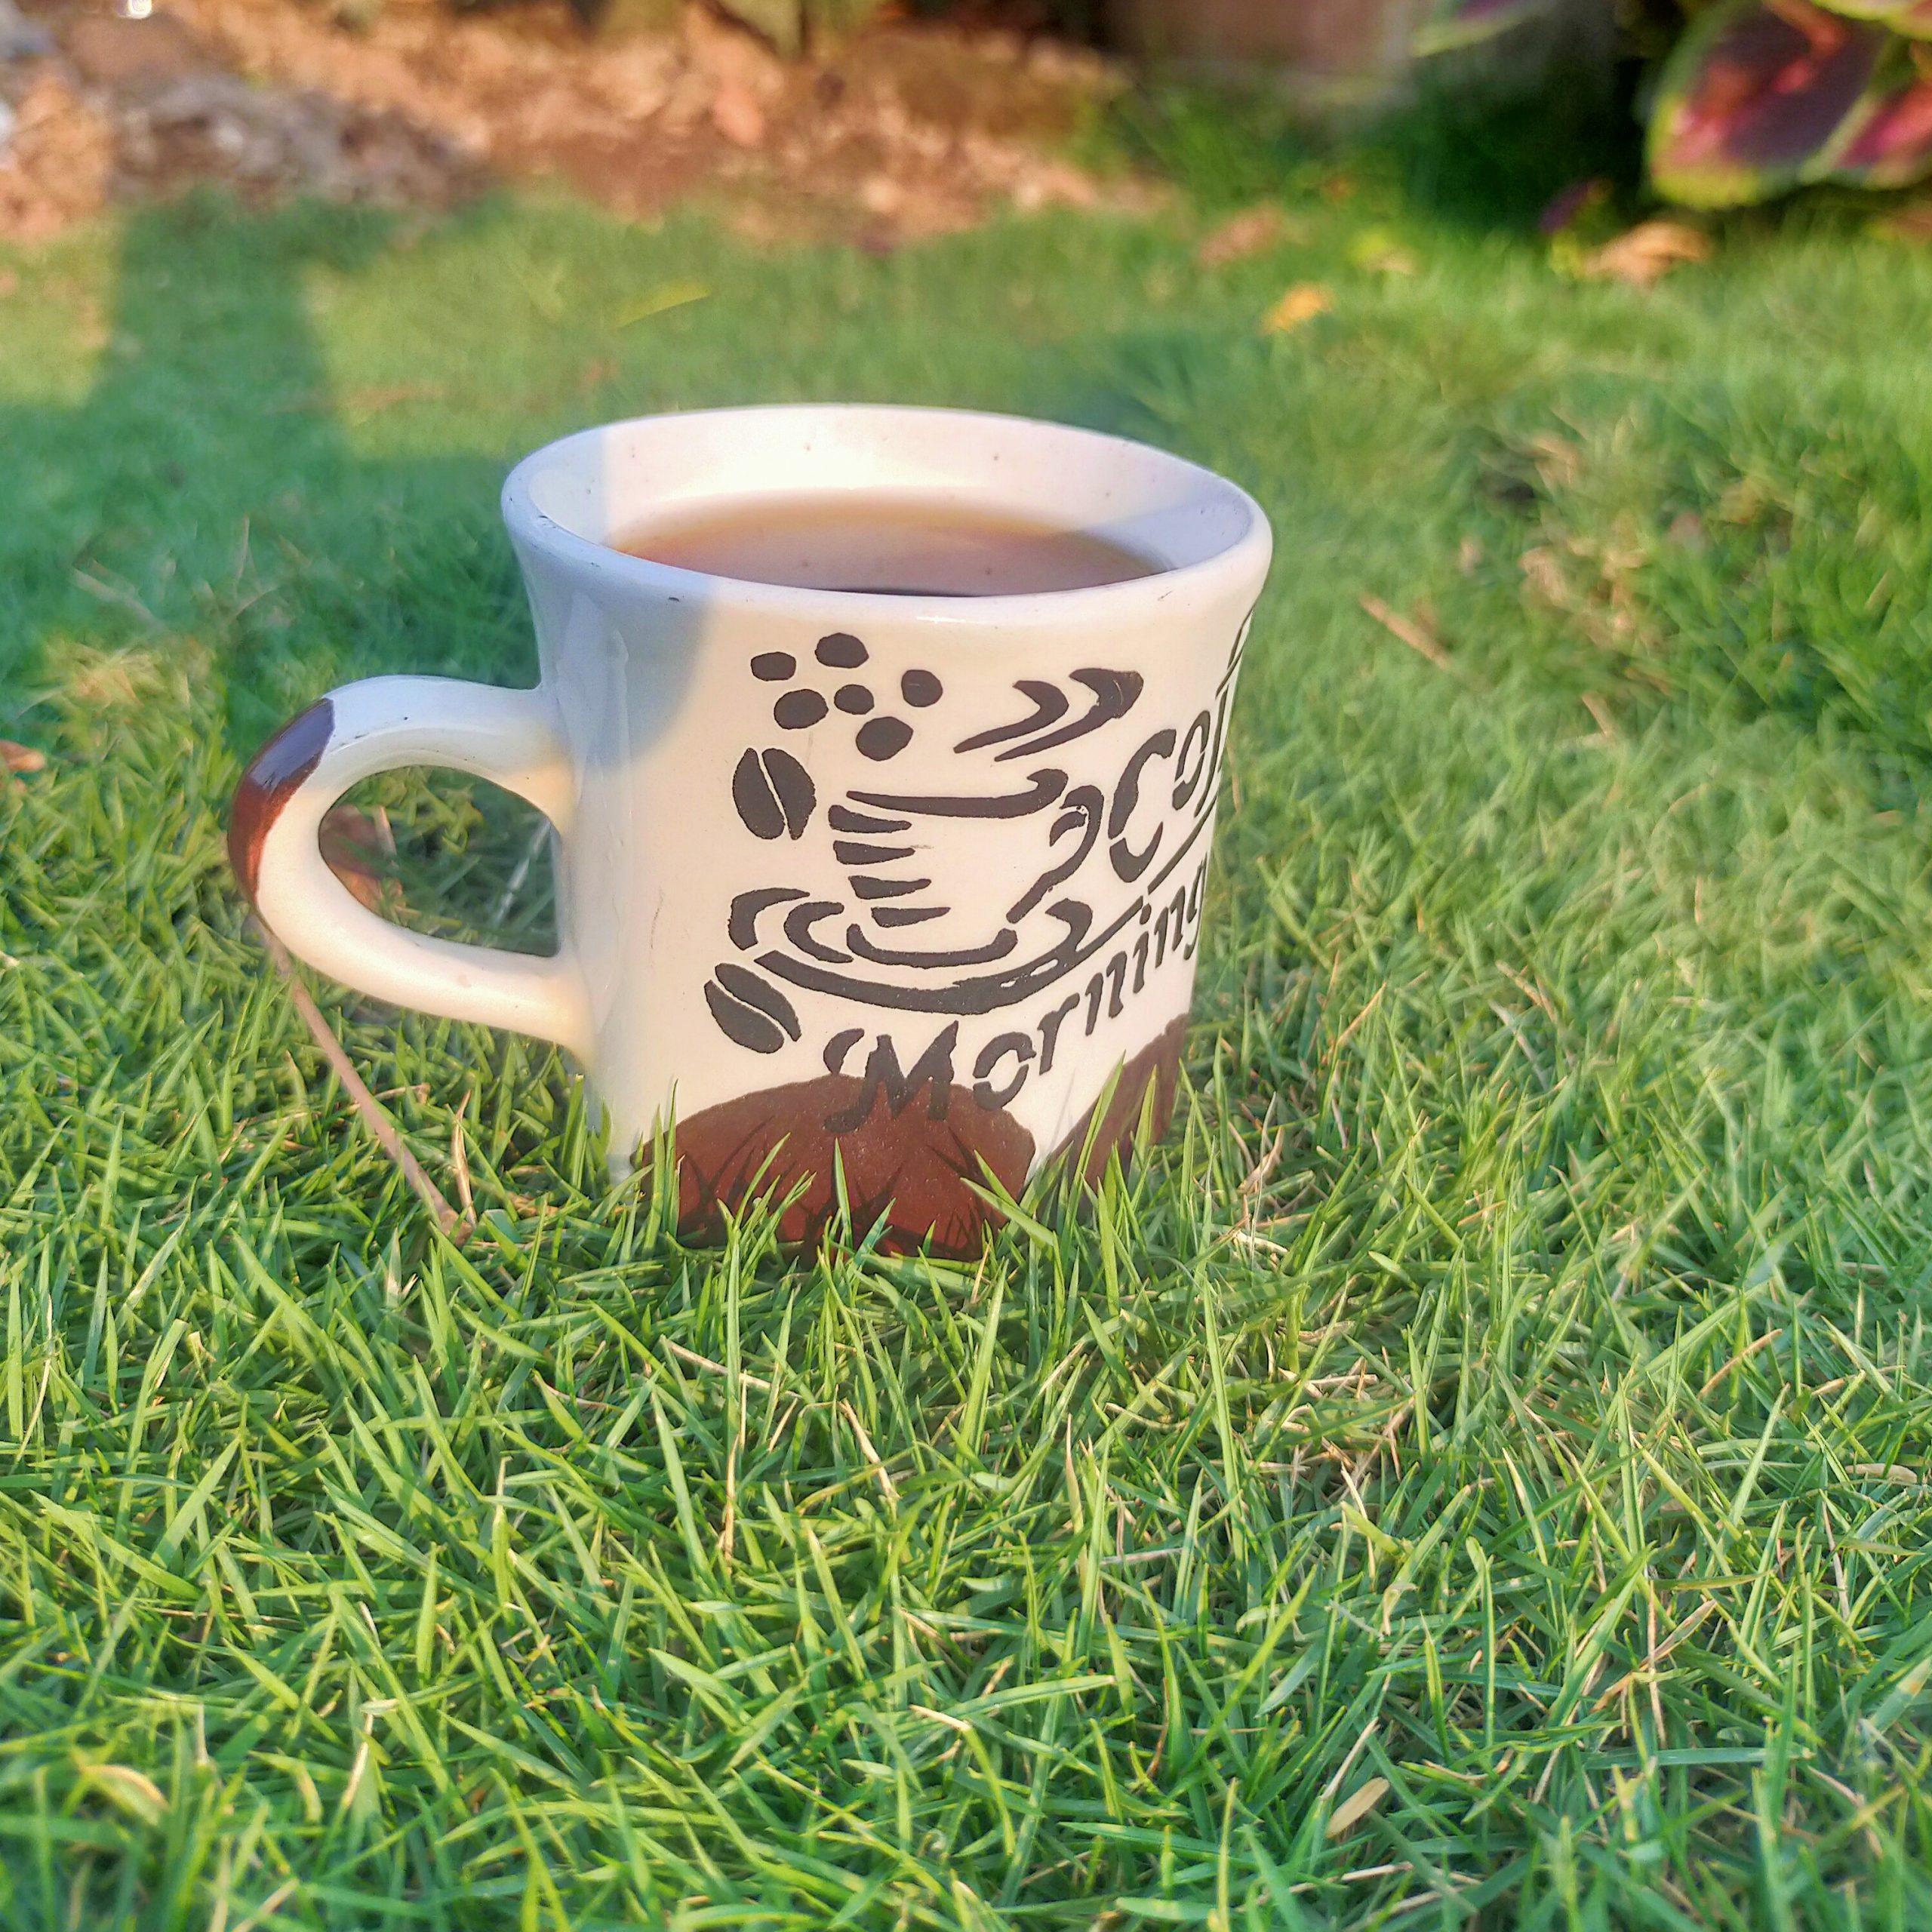 A teacup on grass